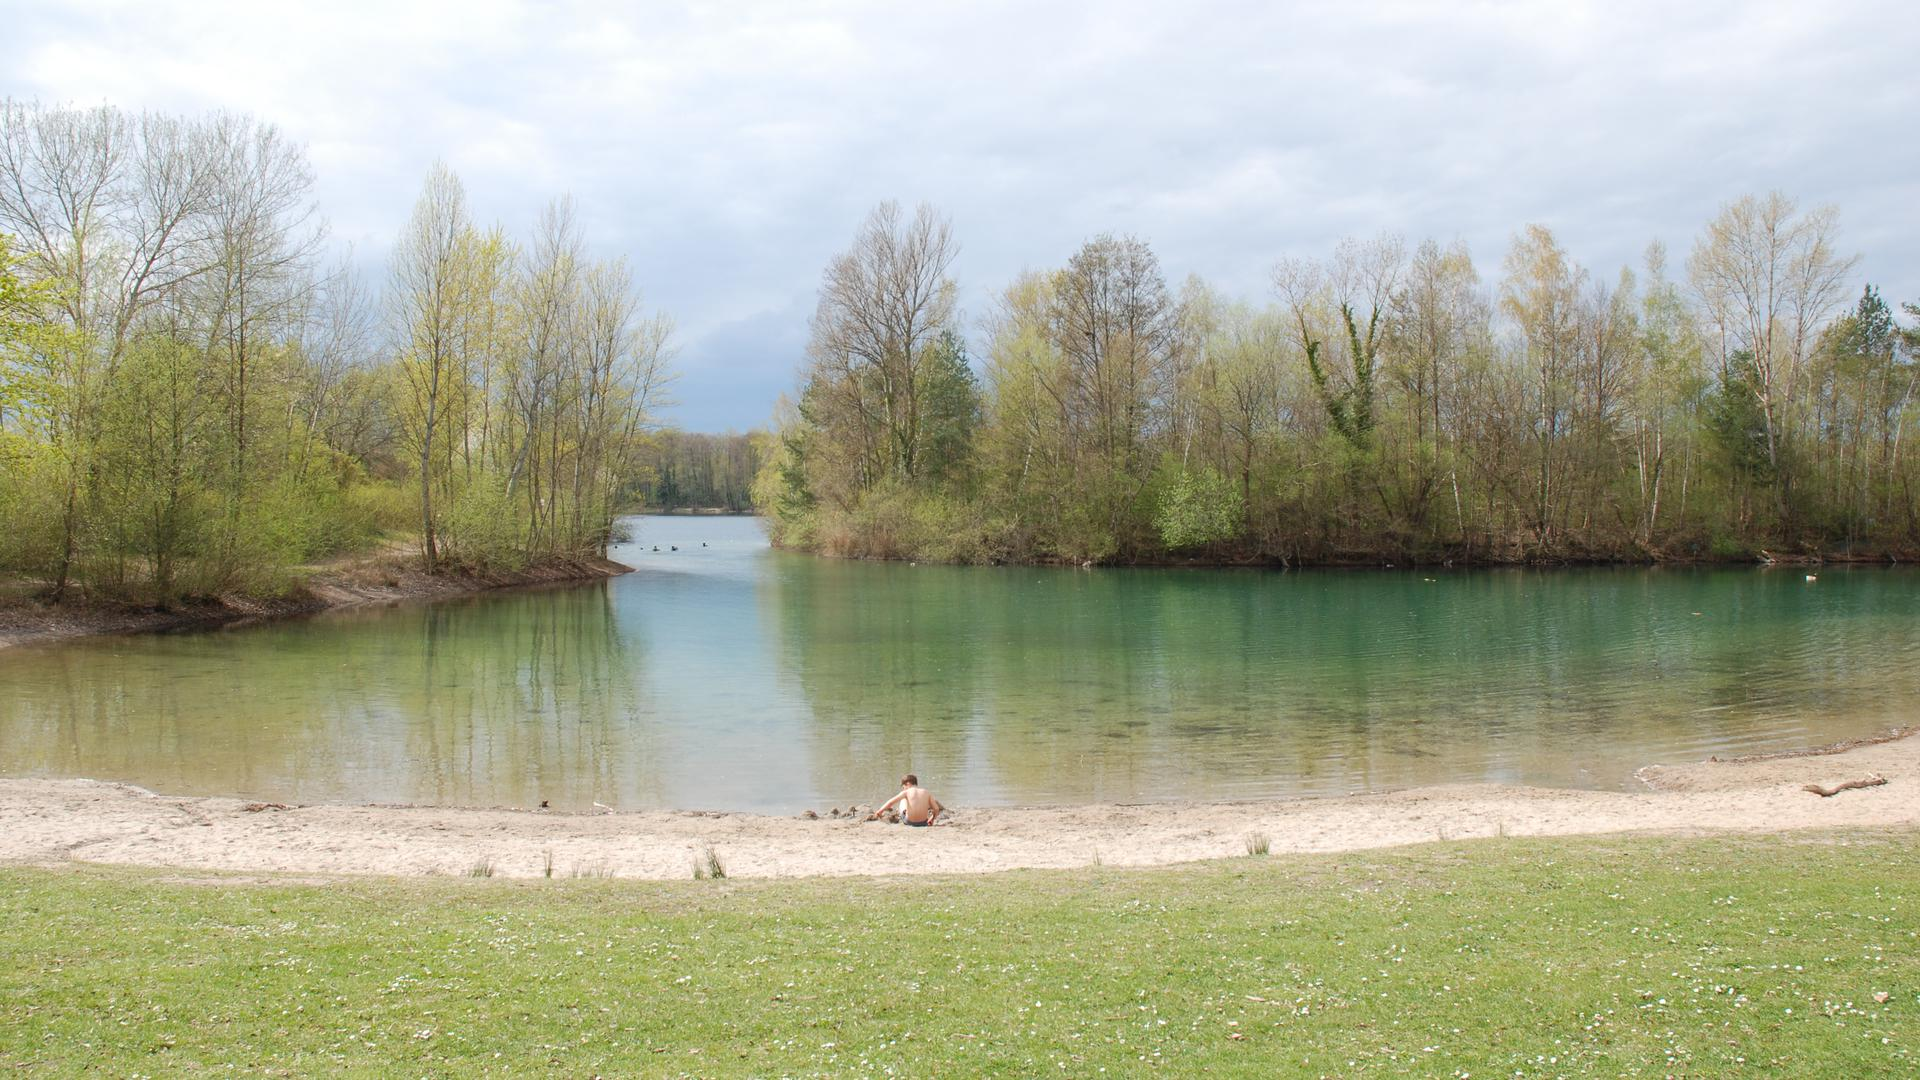 Ruhe vor der Badesaison: Das Bild zeigt Liegewiese, Sandstrand und Badebucht des Untergrombacher Baggersees.